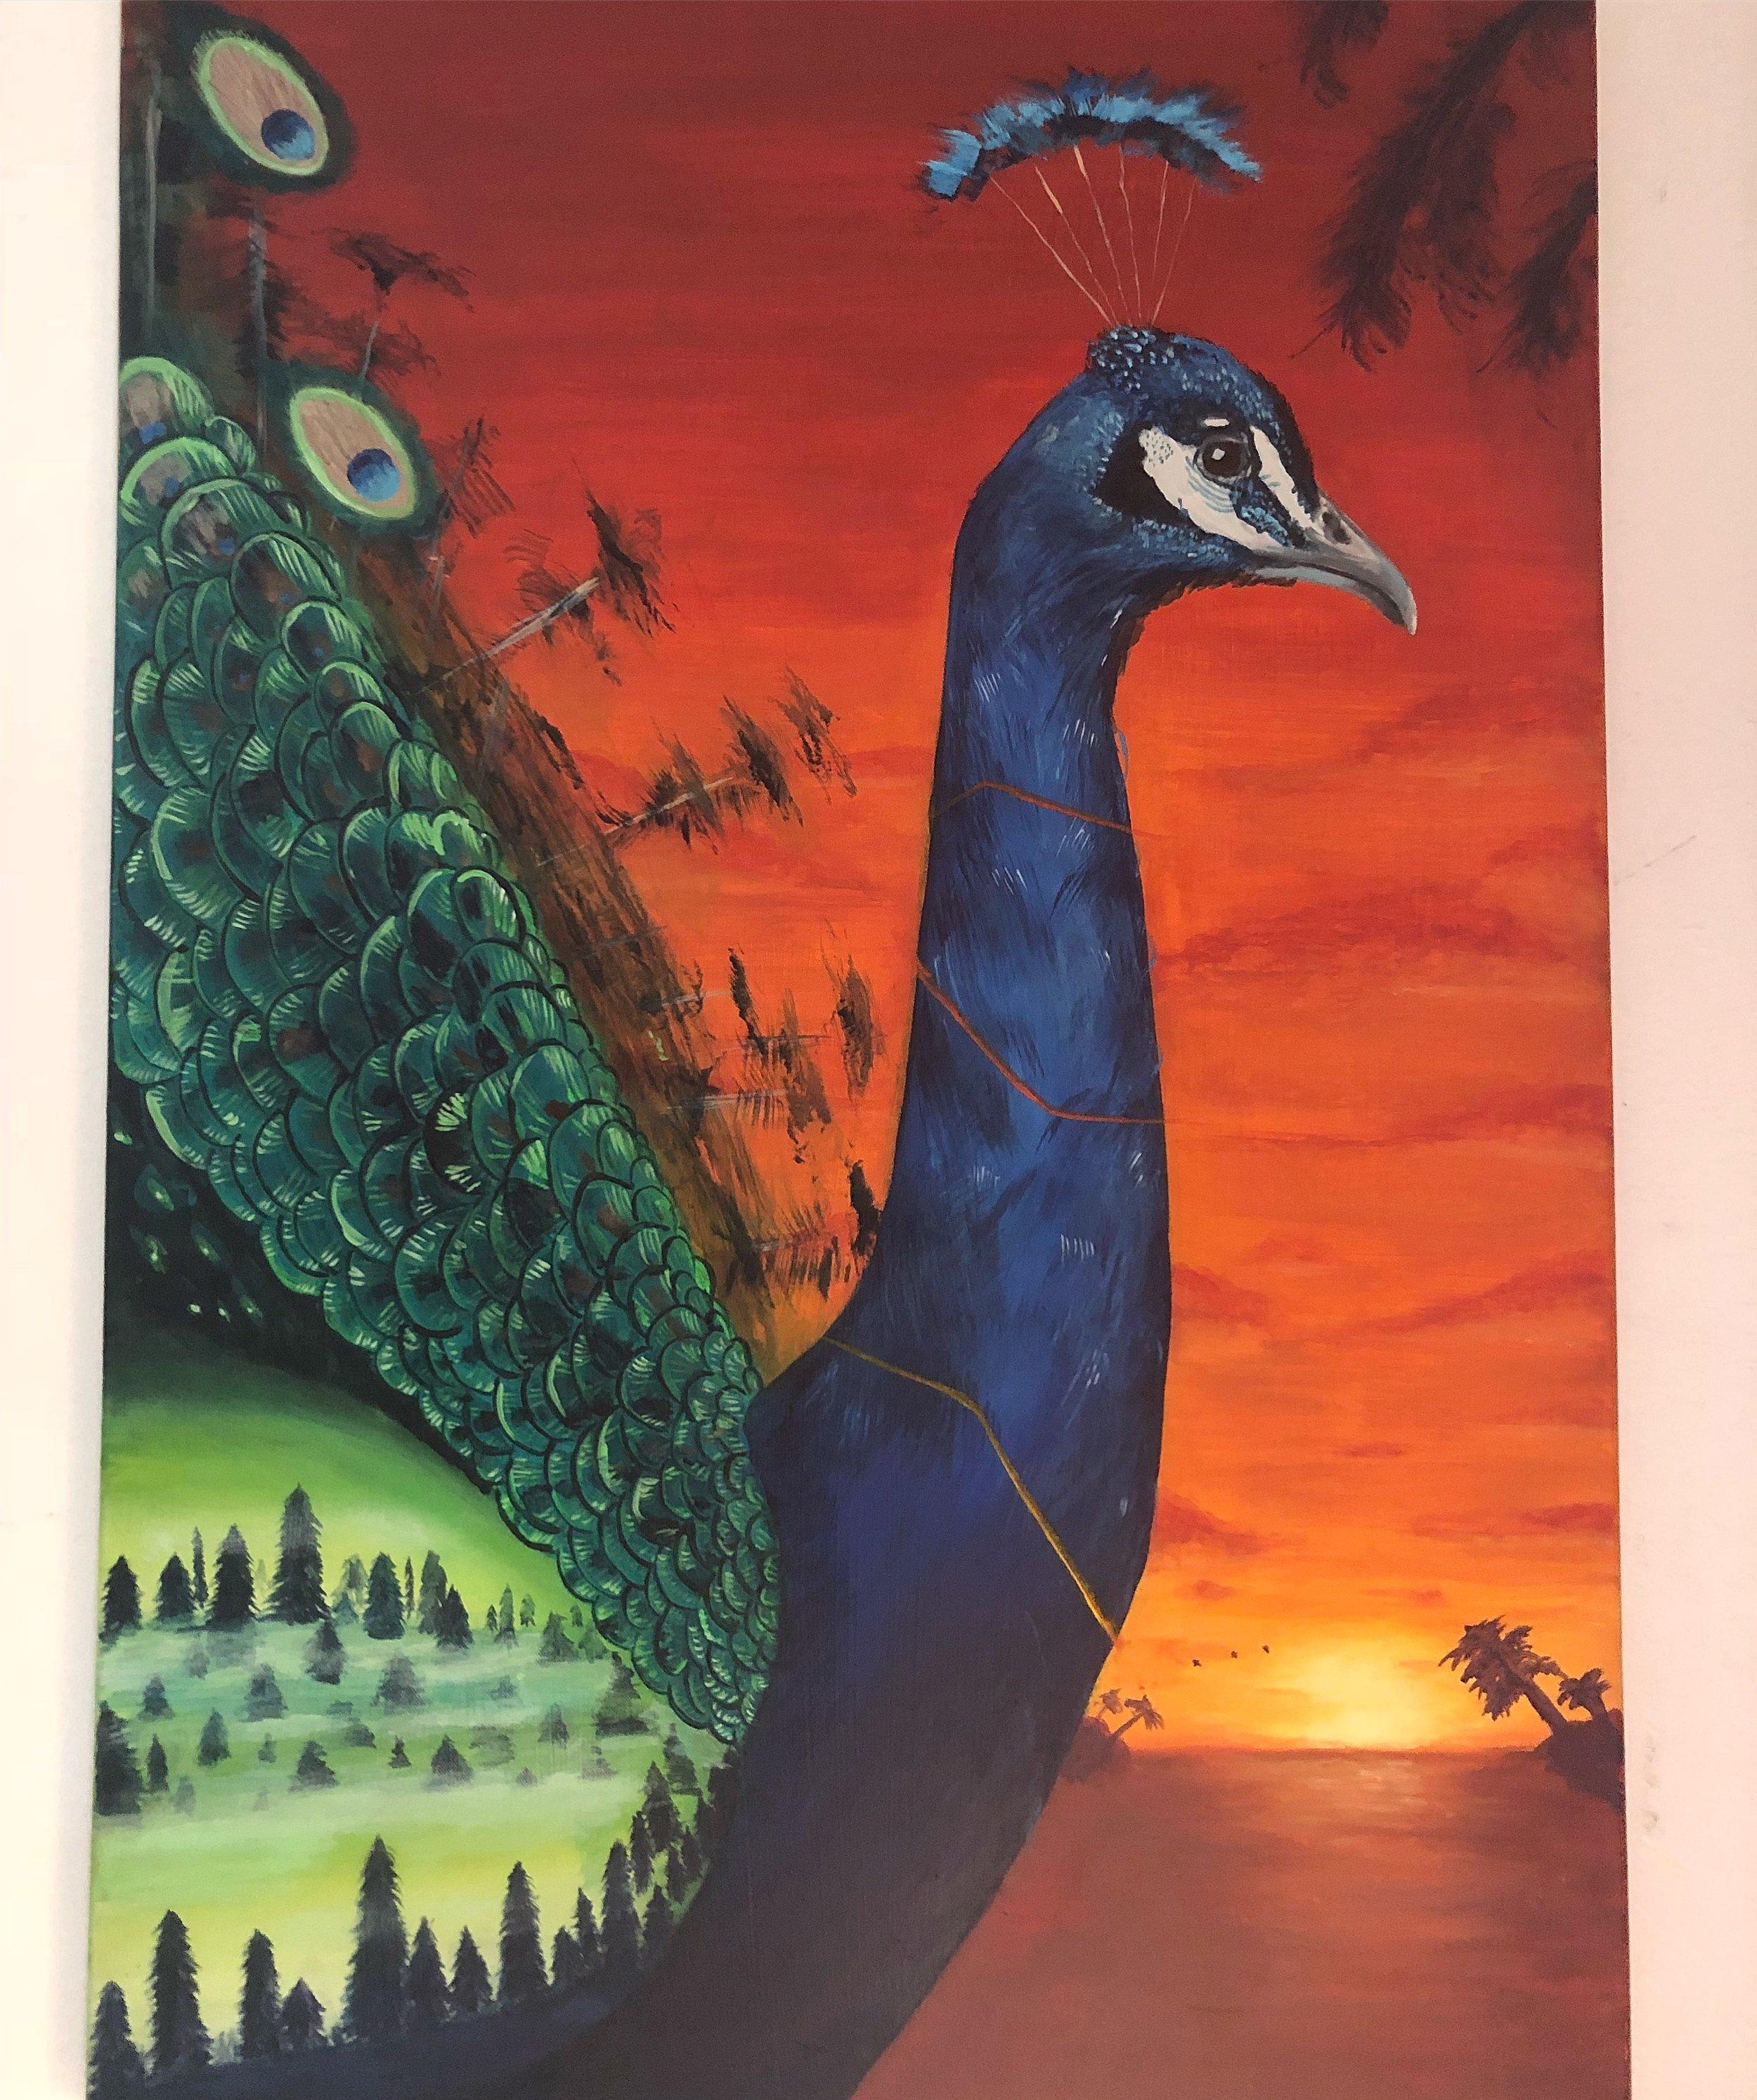 peacocksway